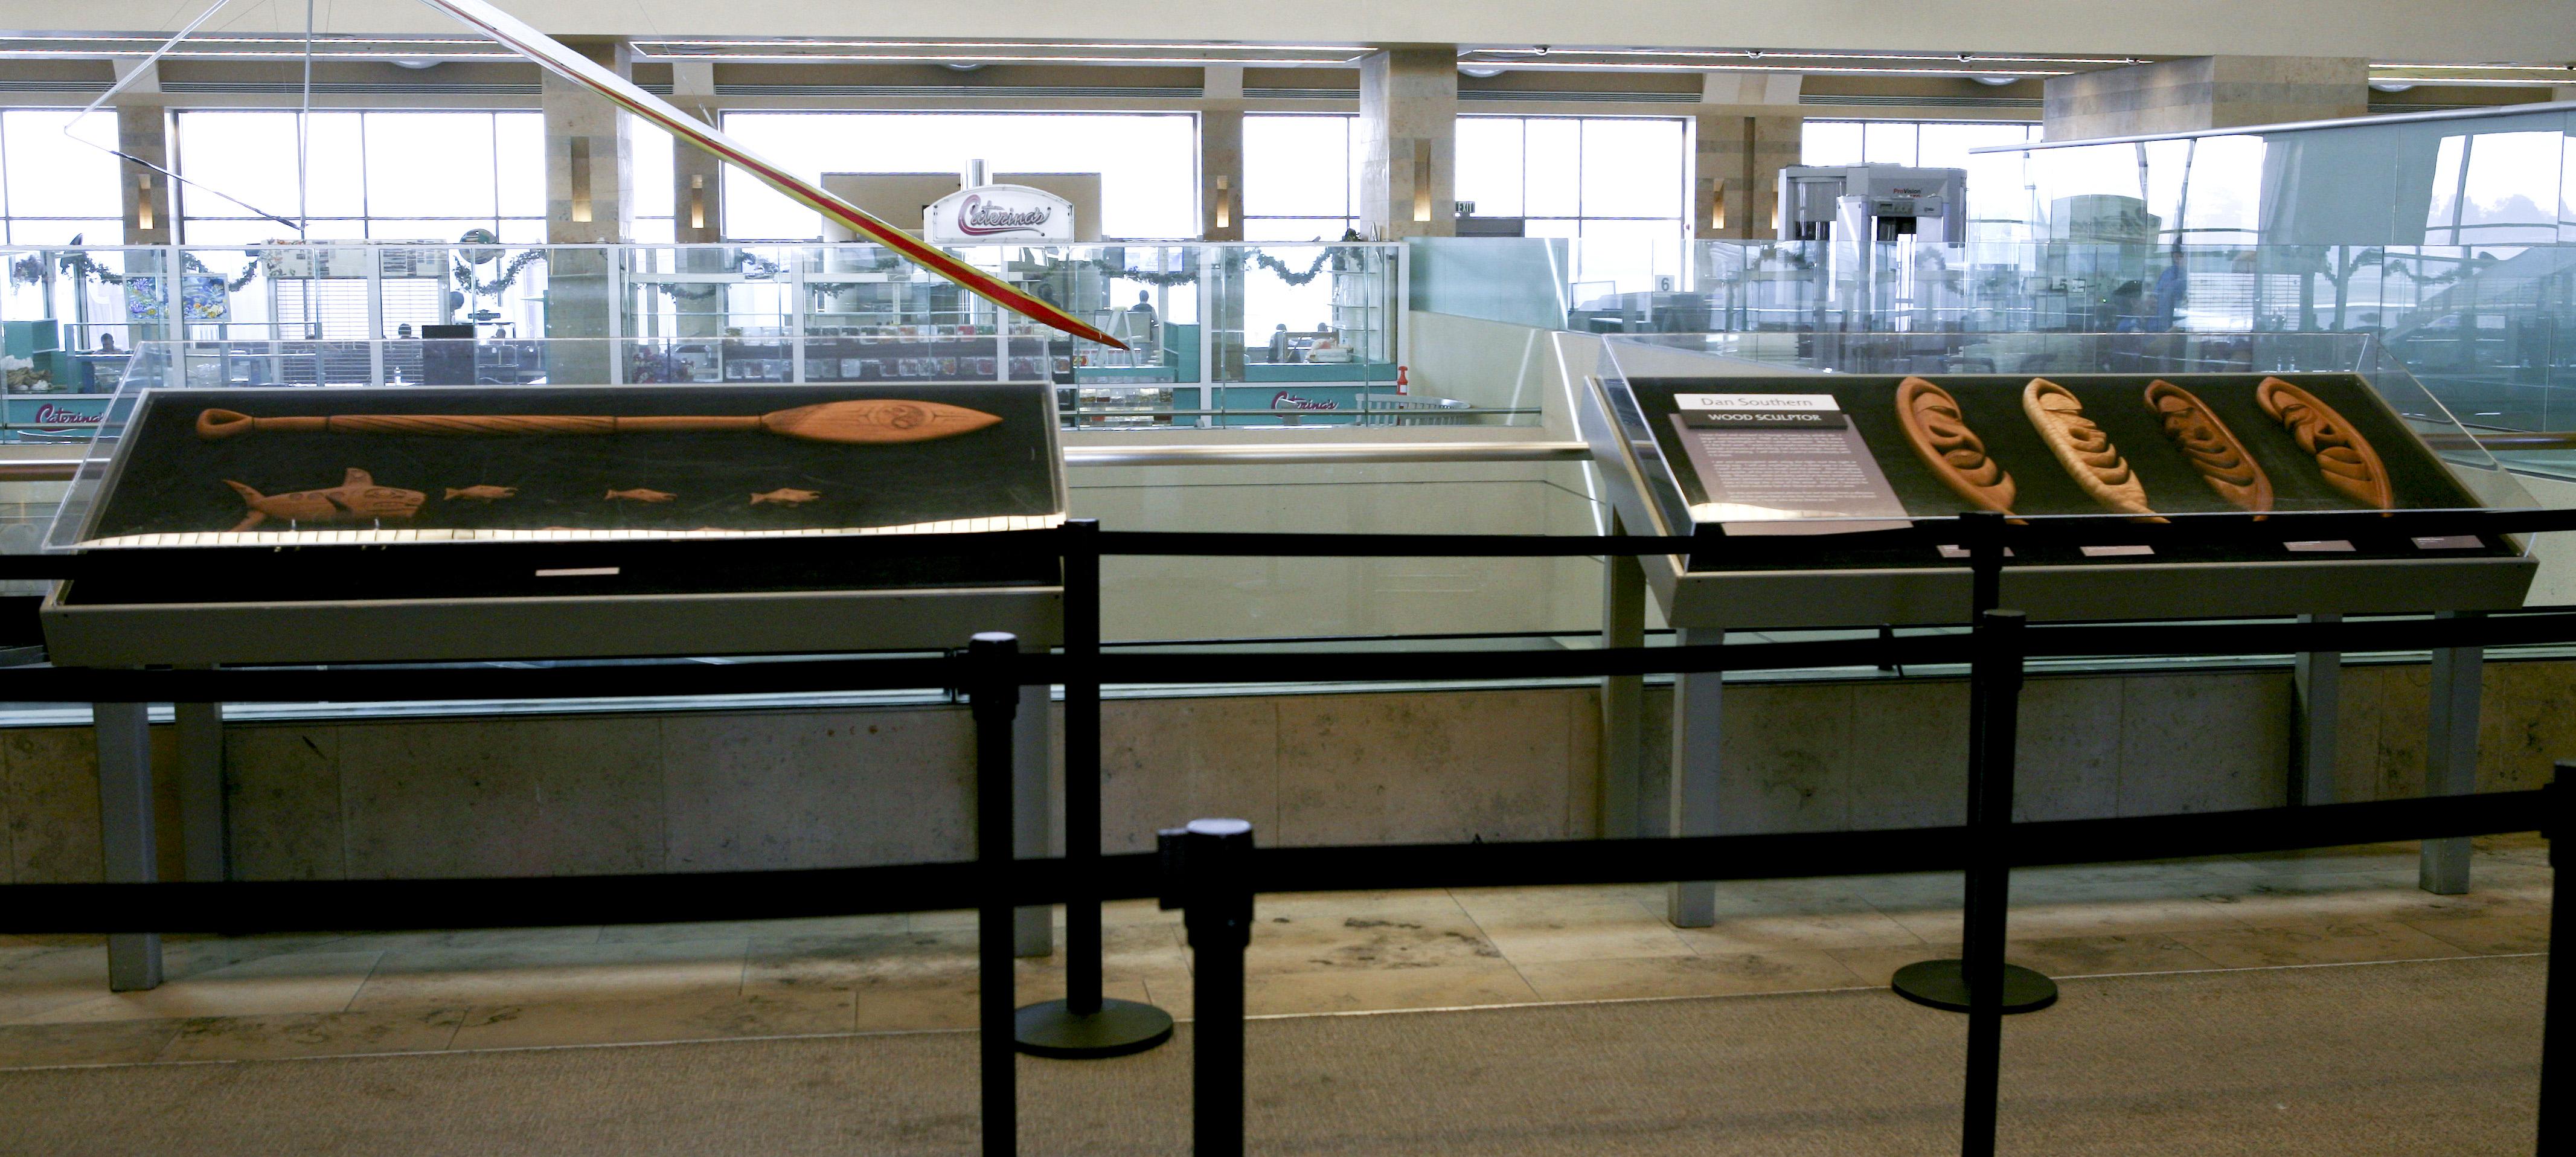 airport case 9